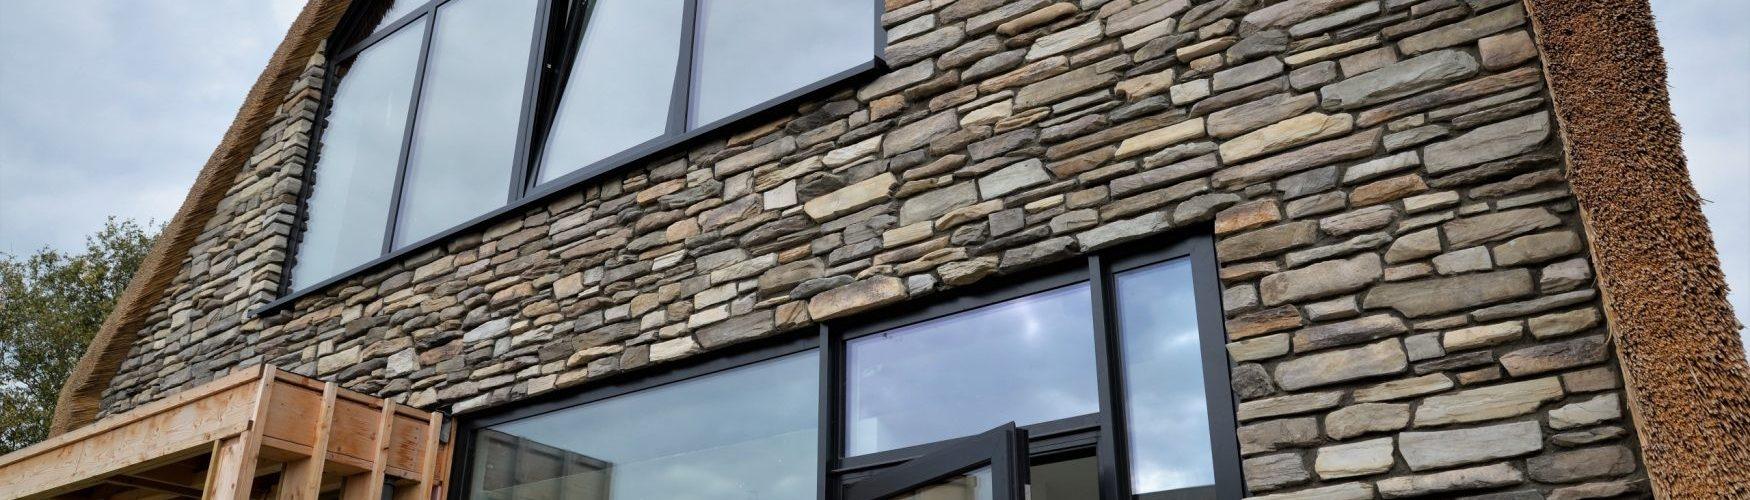 natuursteen-steenstrips